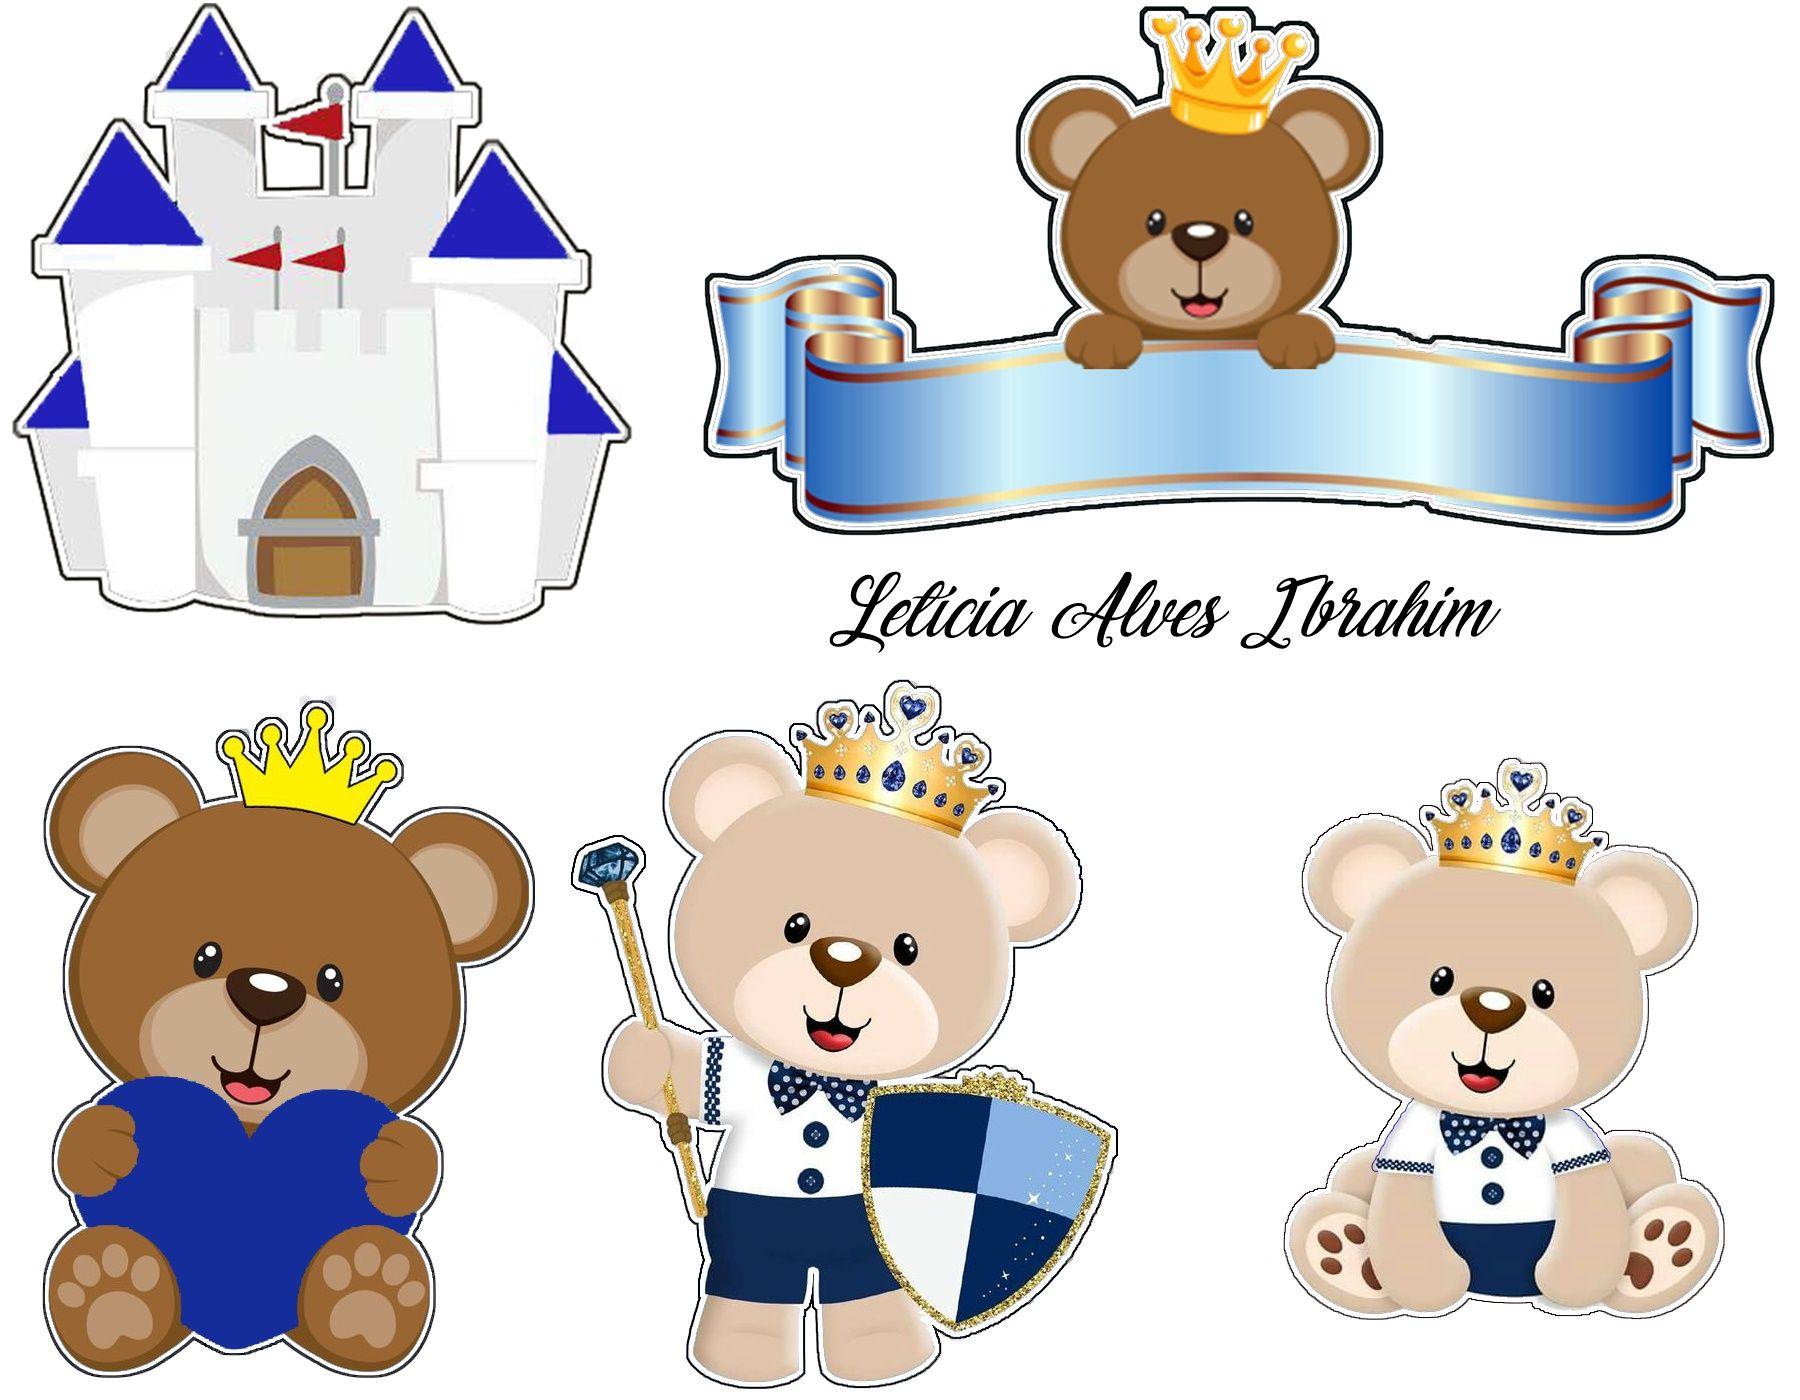 Topper Urso Principe Desenho De Urso Urso Bolo Ursinho